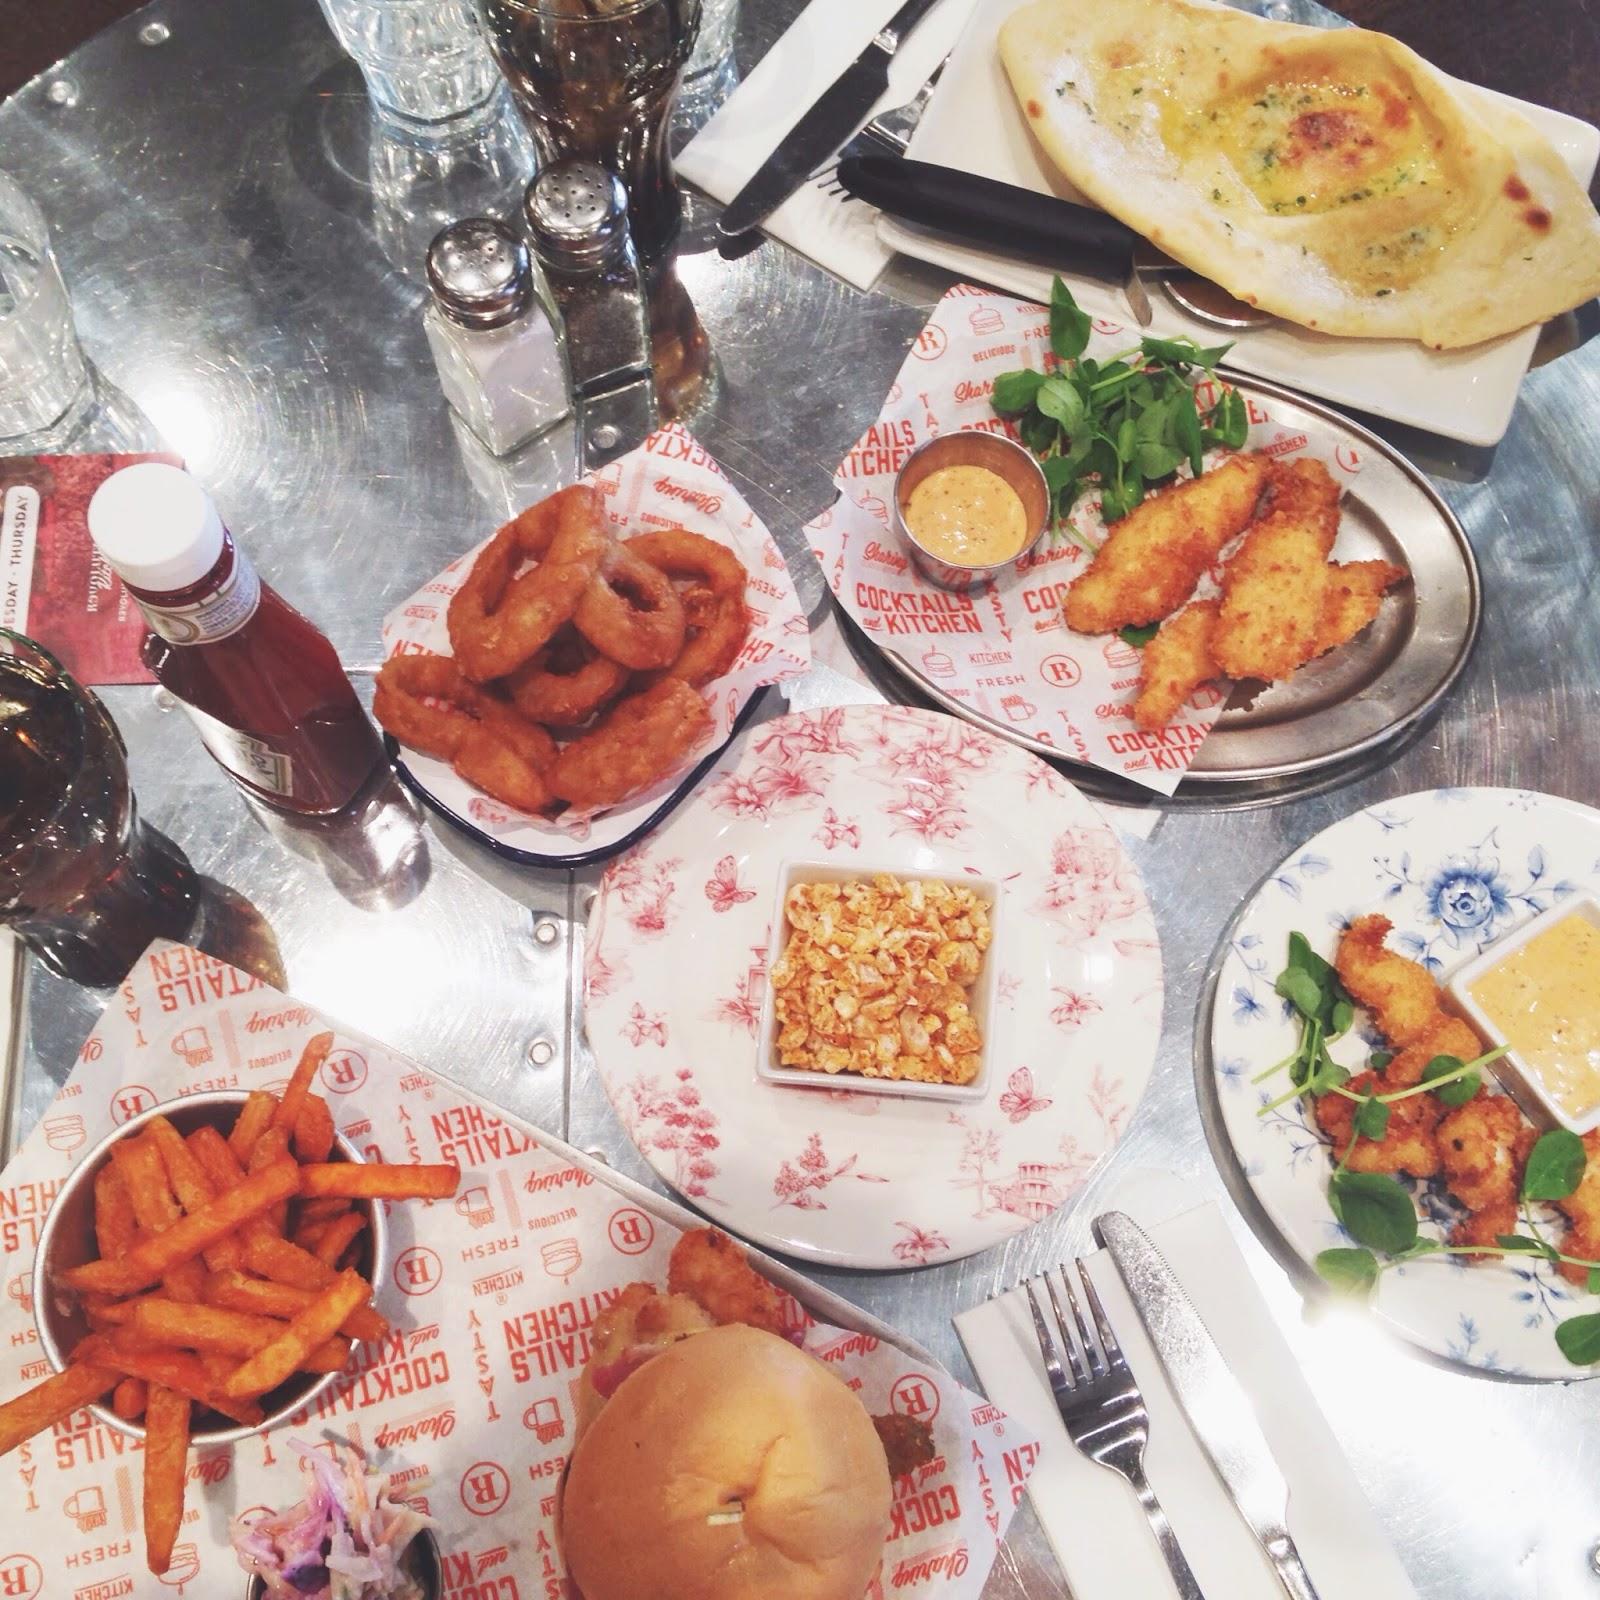 food at revolution